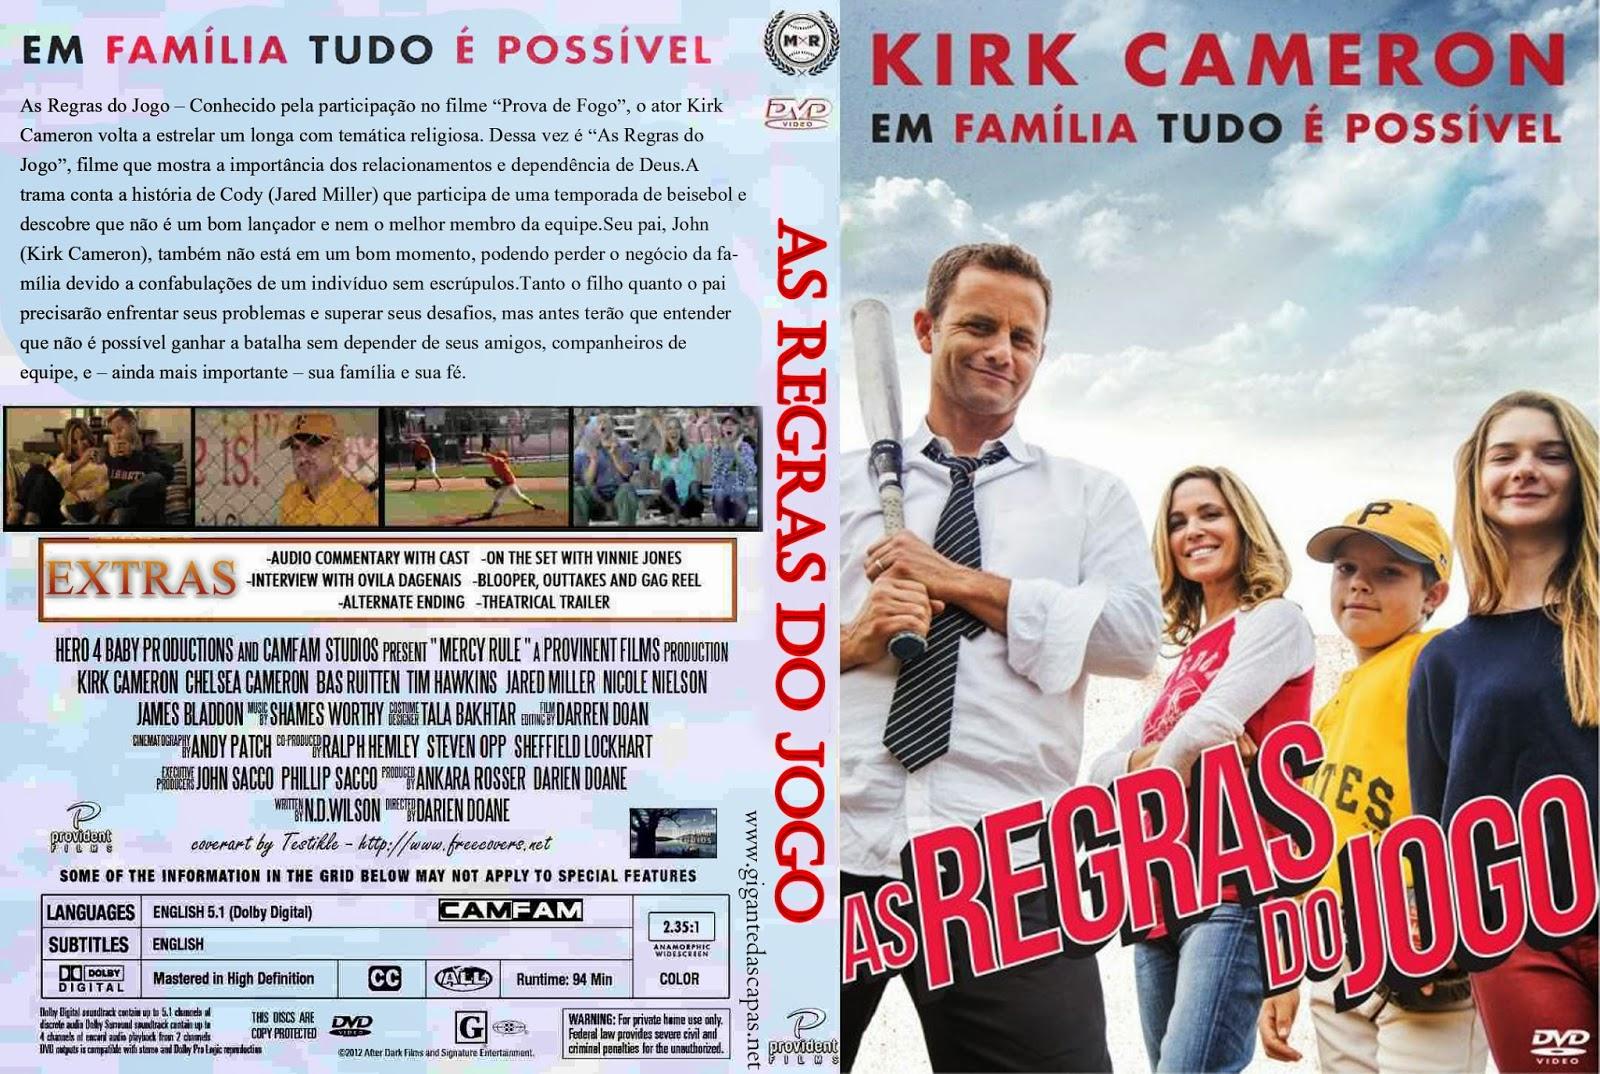 FILME ONLINE AS REGRAS DO JOGO - ASSISTA ONLINE AQUI